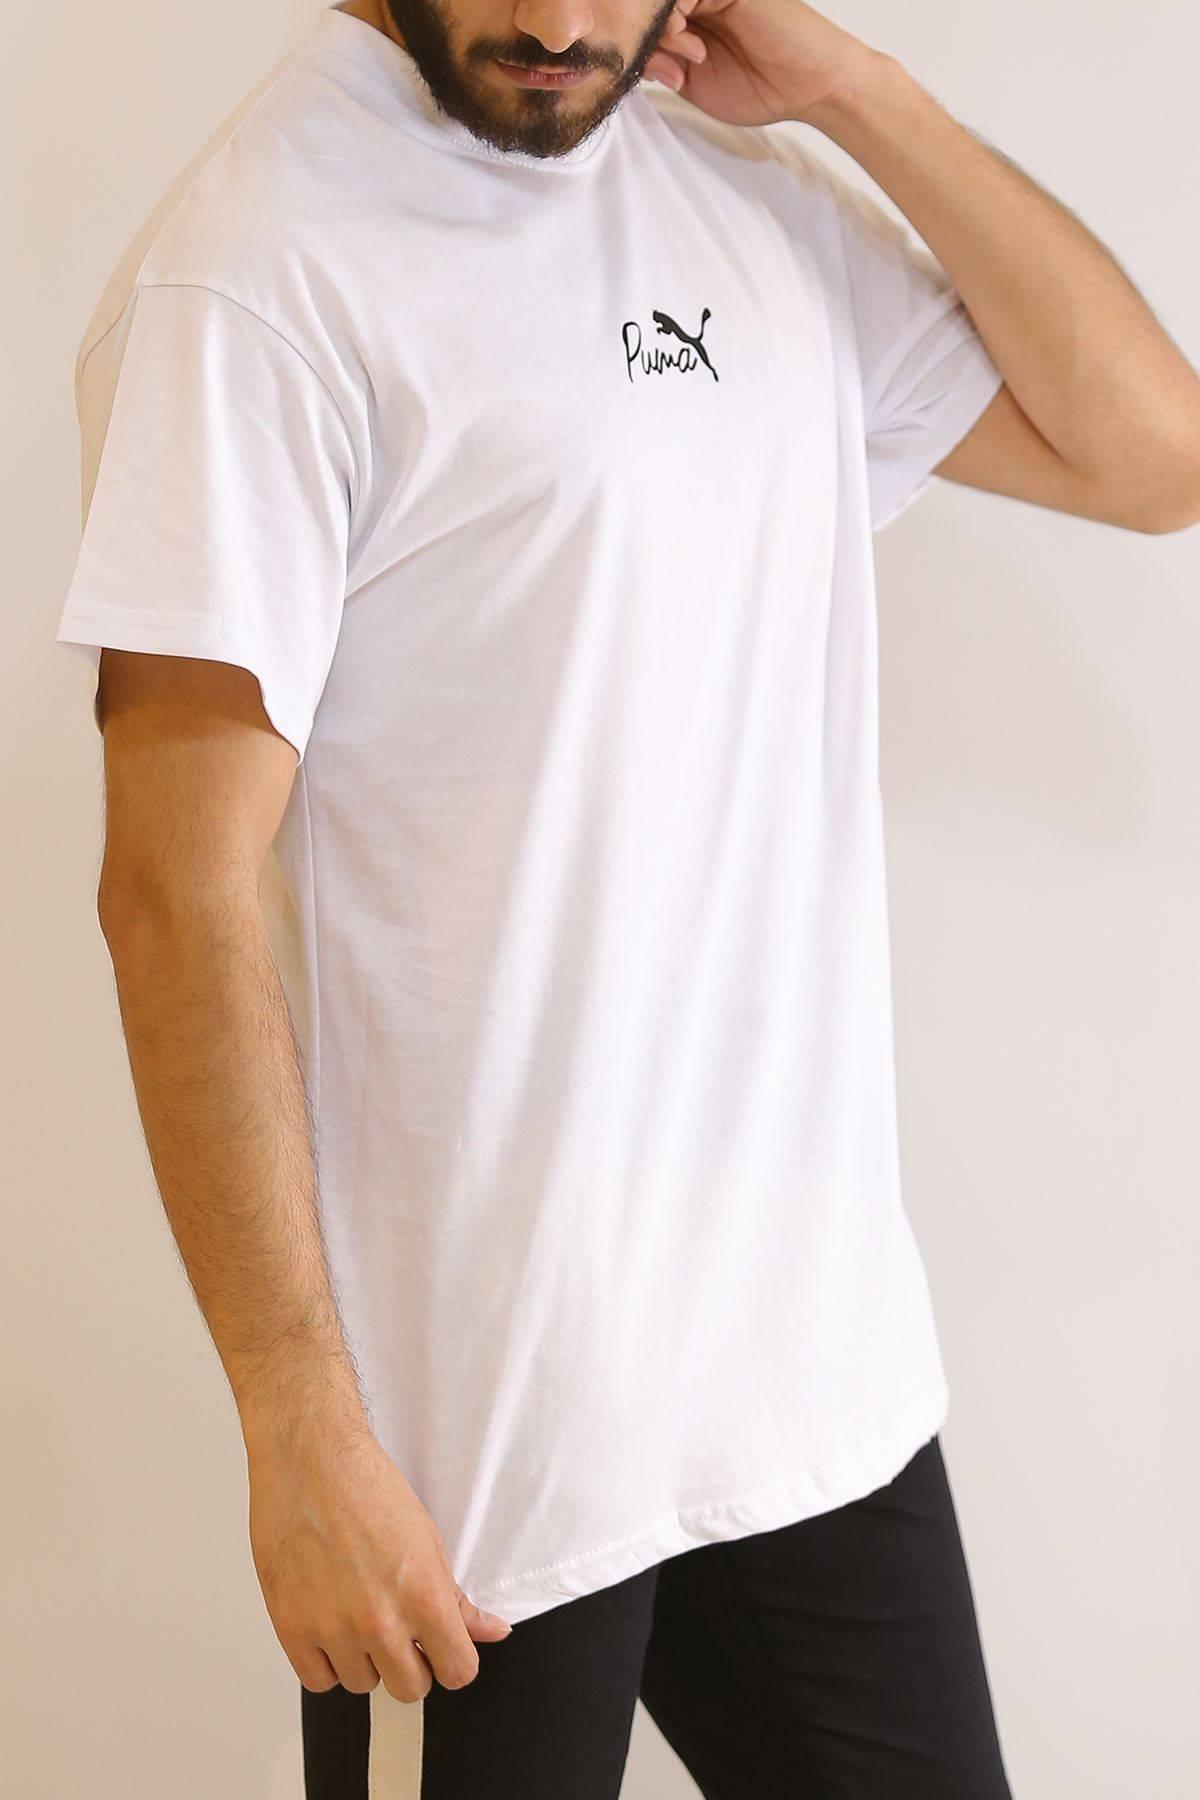 Arkası Baskılı Tişört Beyaz - 6053.1377.